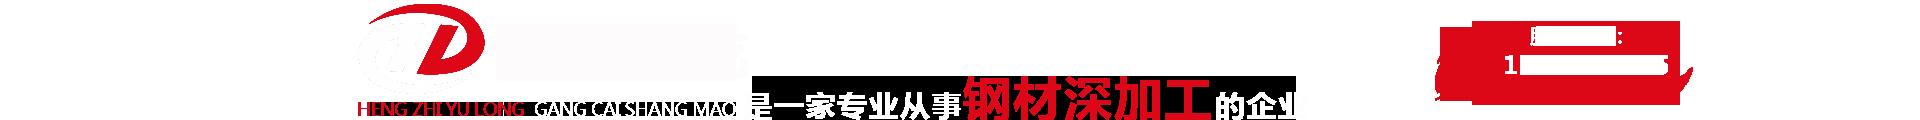 兰州恒志玉龙钢材商贸有限公司